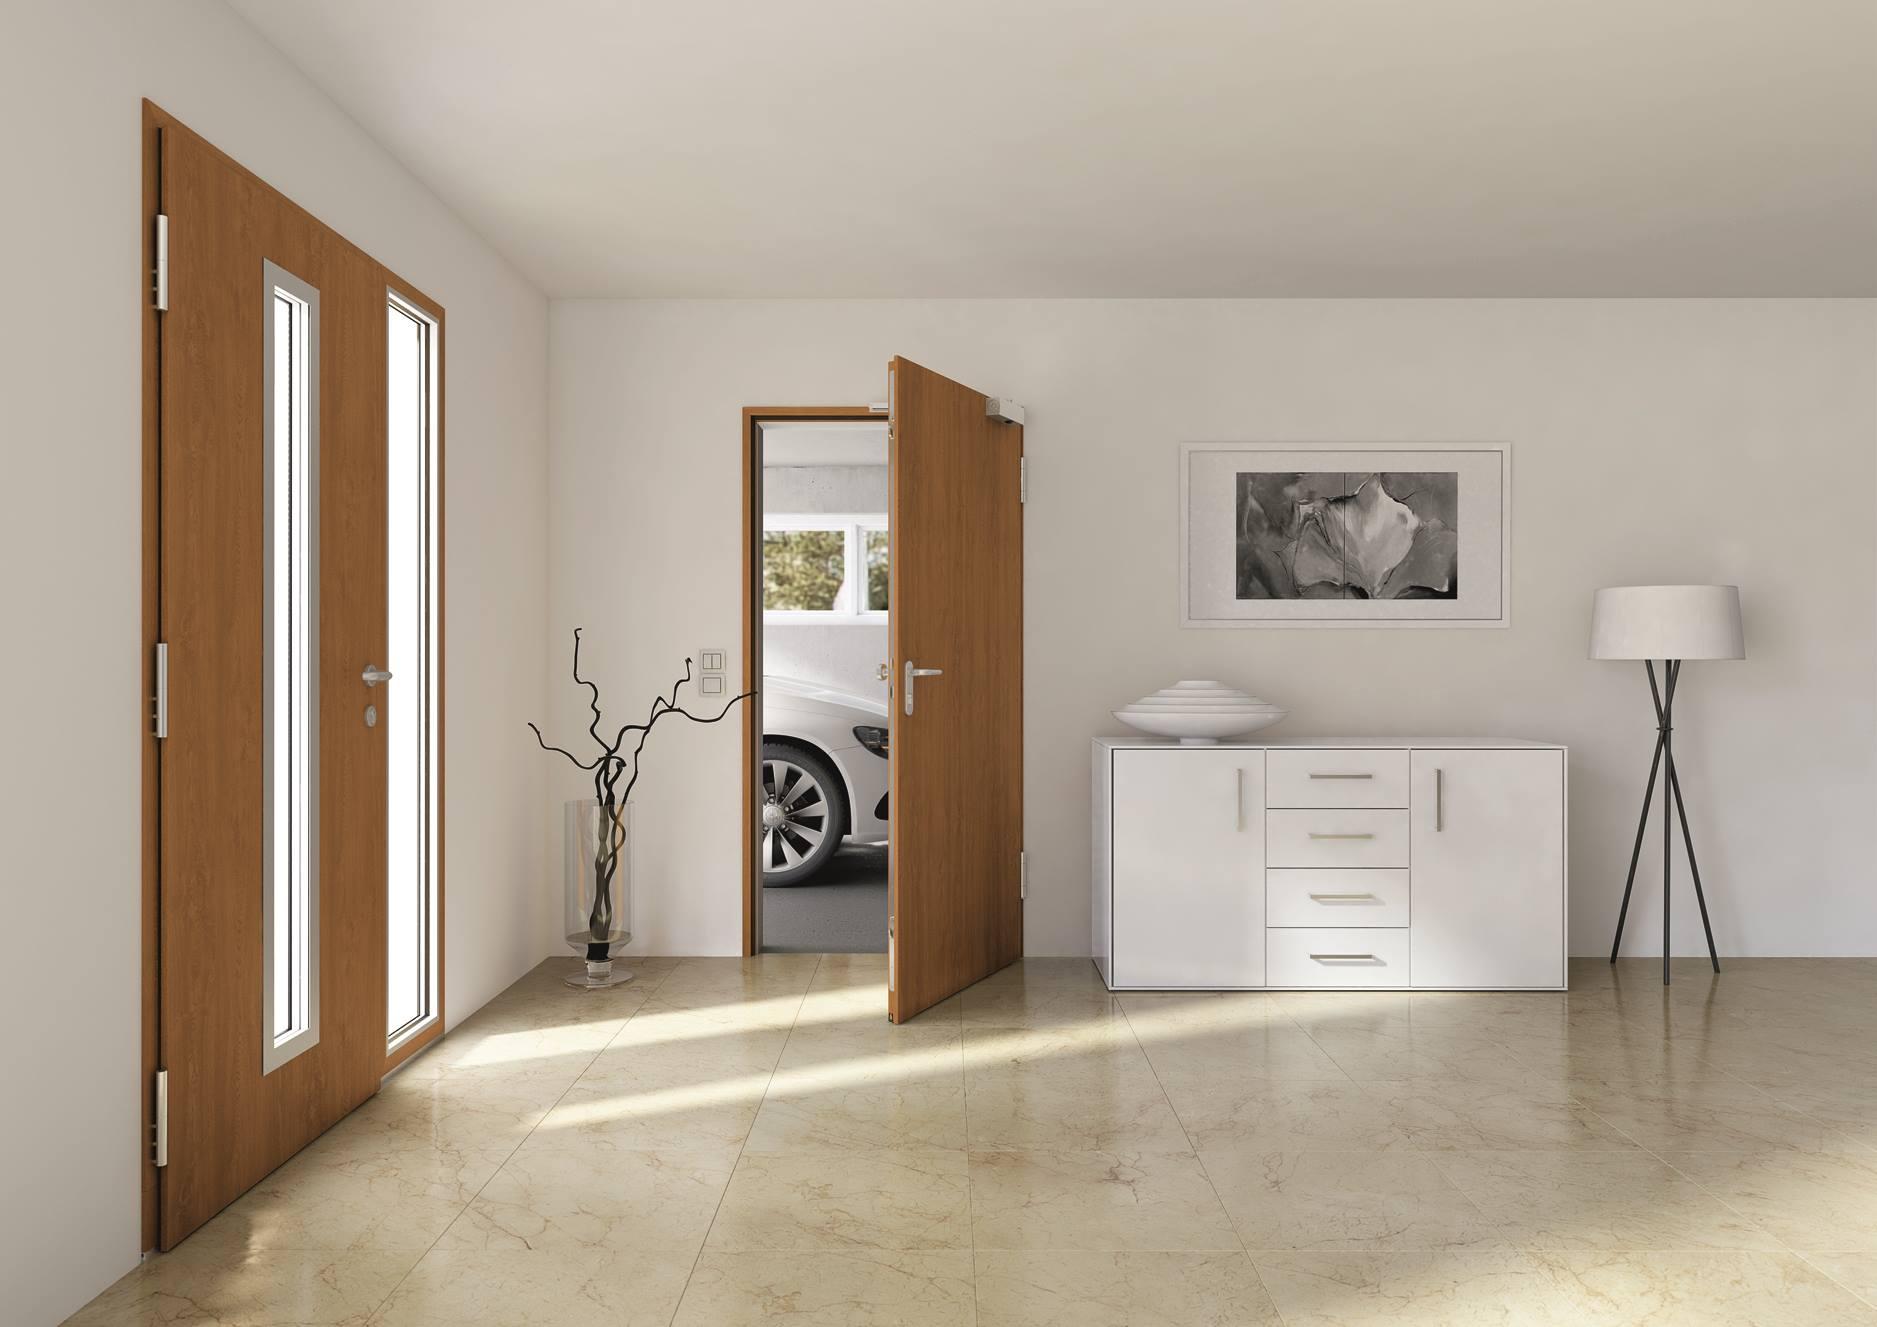 Poliedriche porte interne per arredare nuove costruzioni - Progetti e costruzioni porte ...